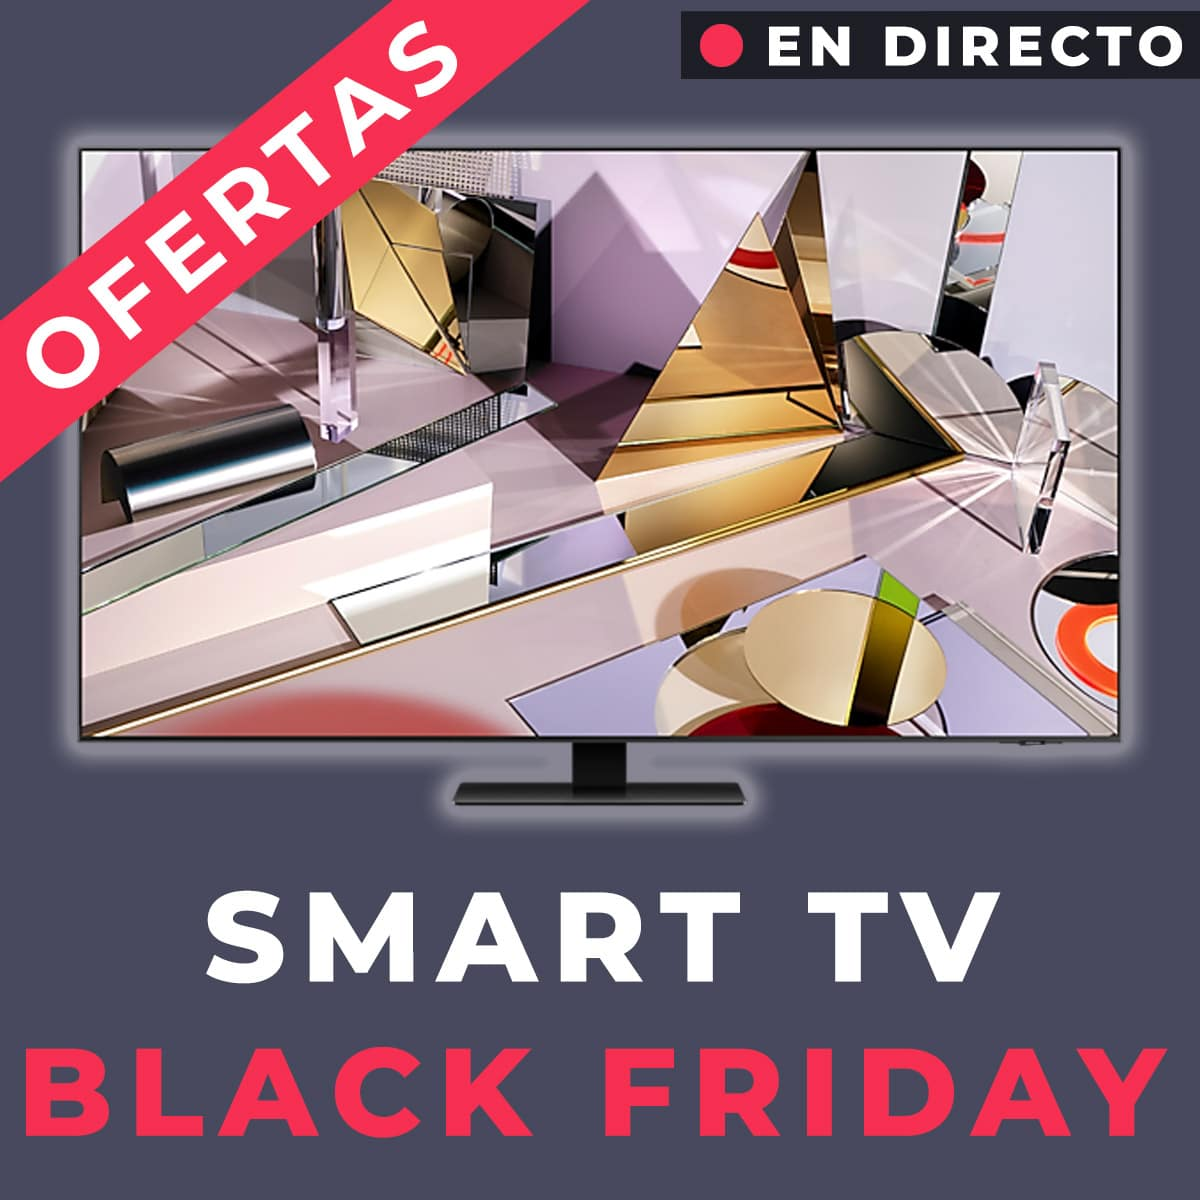 smart tv black friday